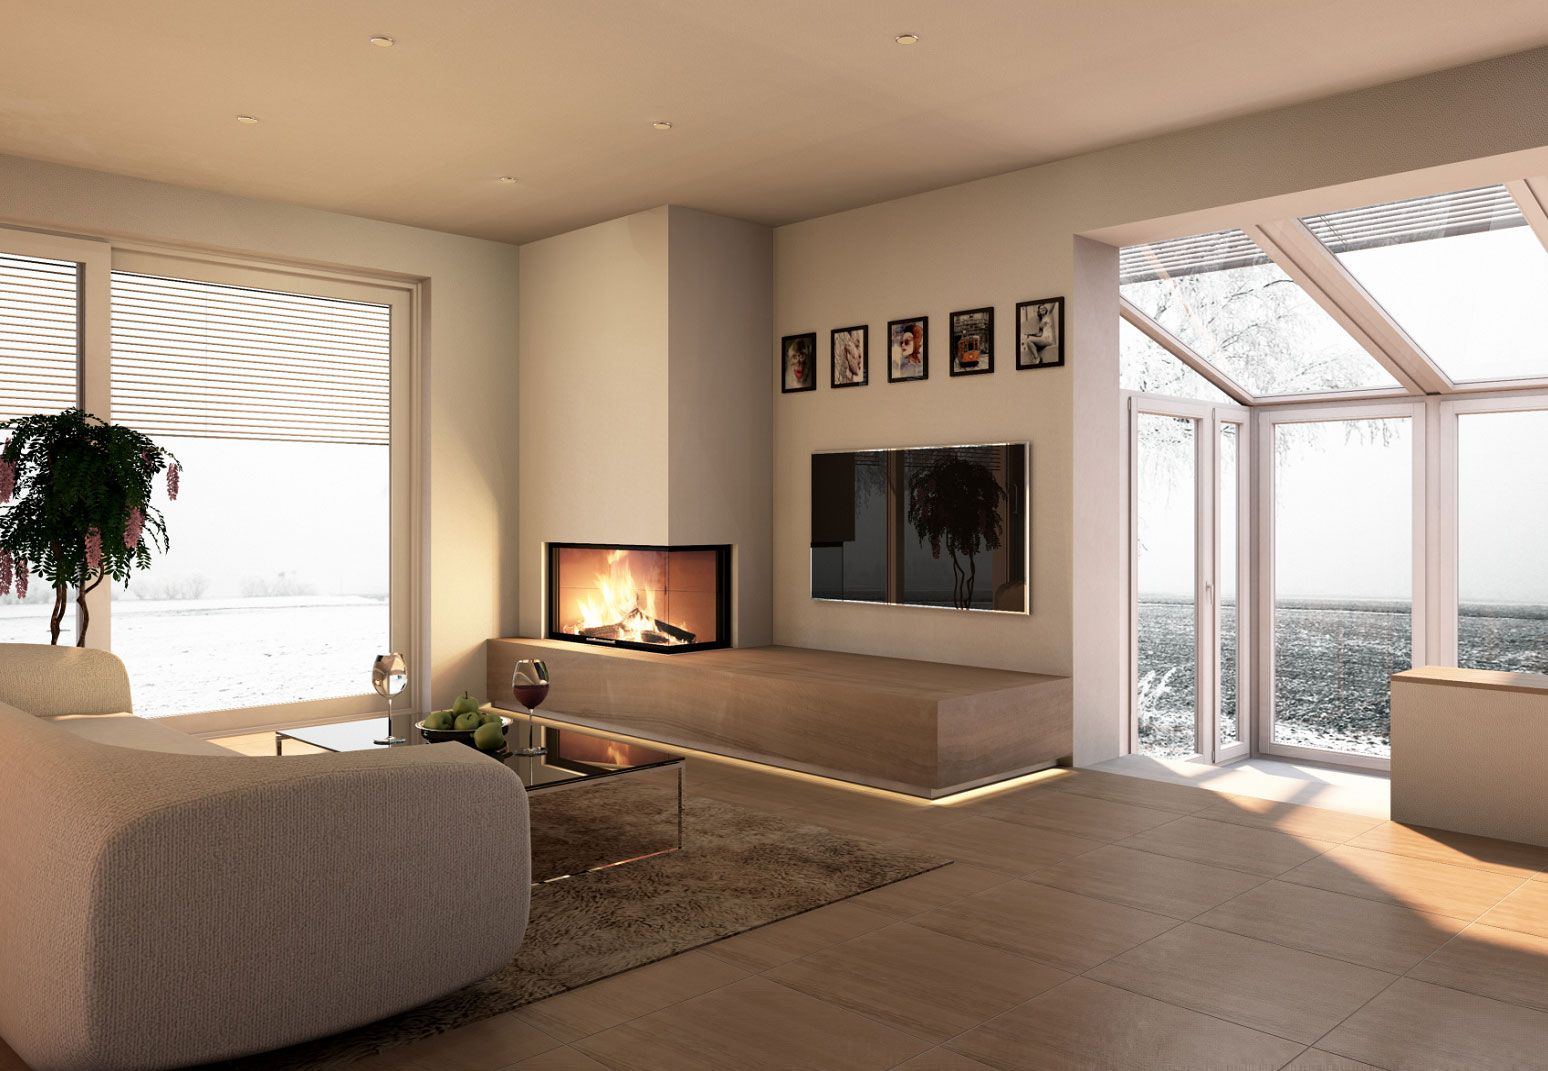 kachelofen wz kamin in 2019 pinterest kachelofen kacheln und kamin wohnzimmer. Black Bedroom Furniture Sets. Home Design Ideas